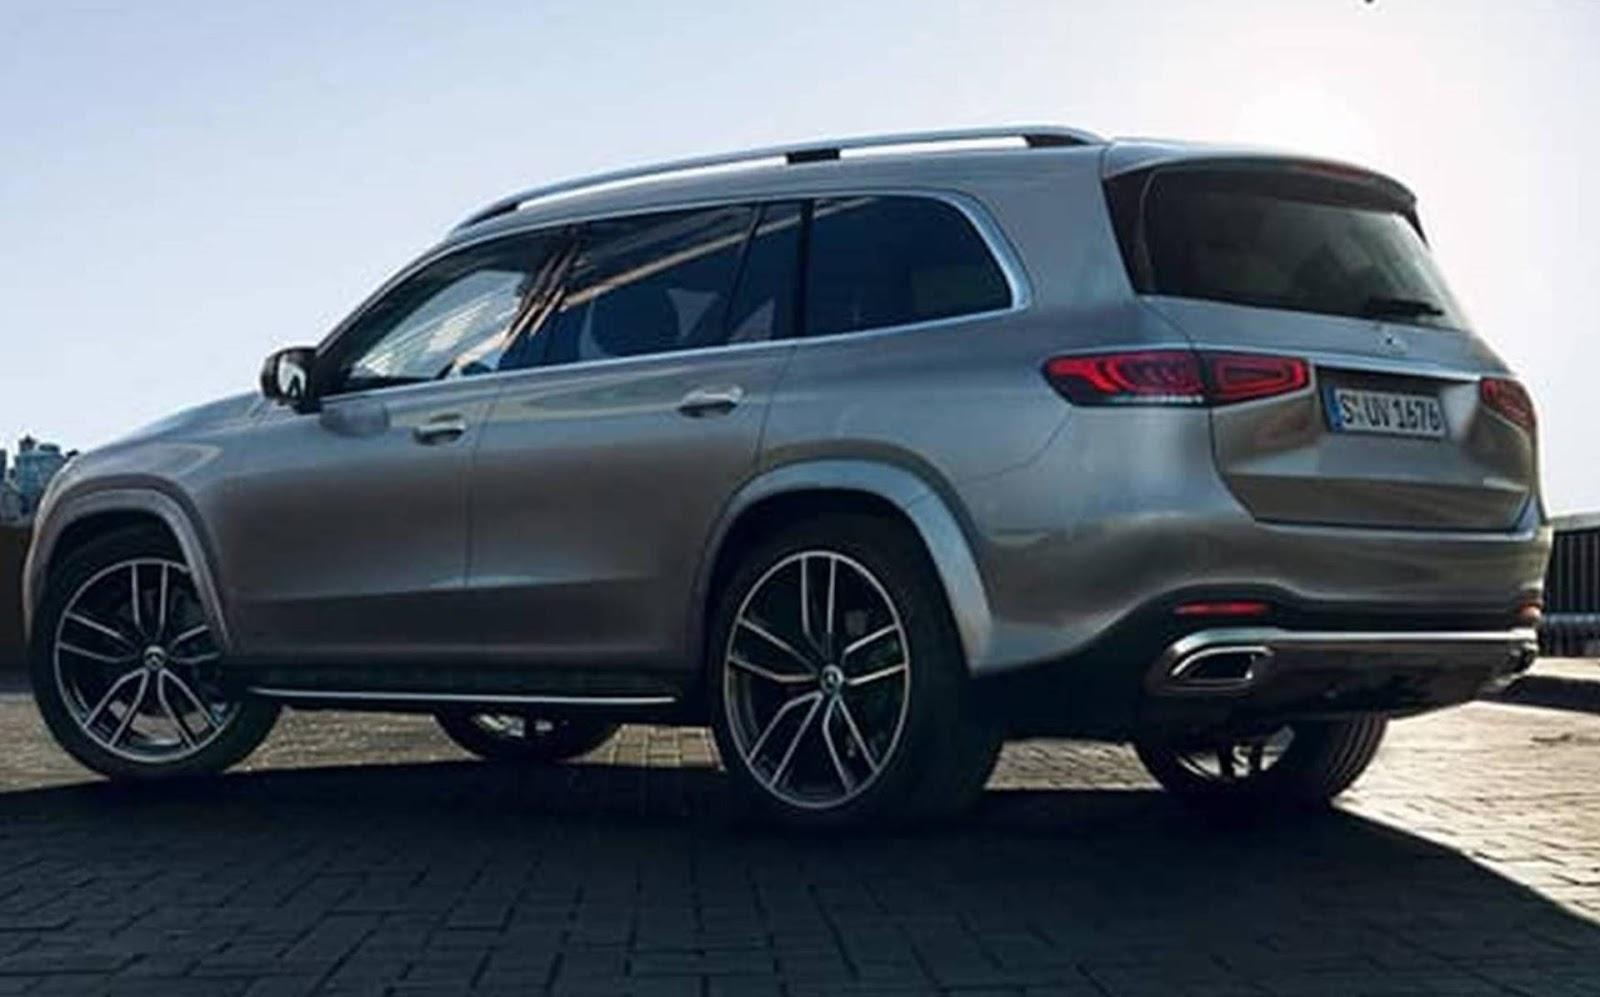 Novo Mercedes-Benz GLS 2020: fotos oficiais divulgadas ...